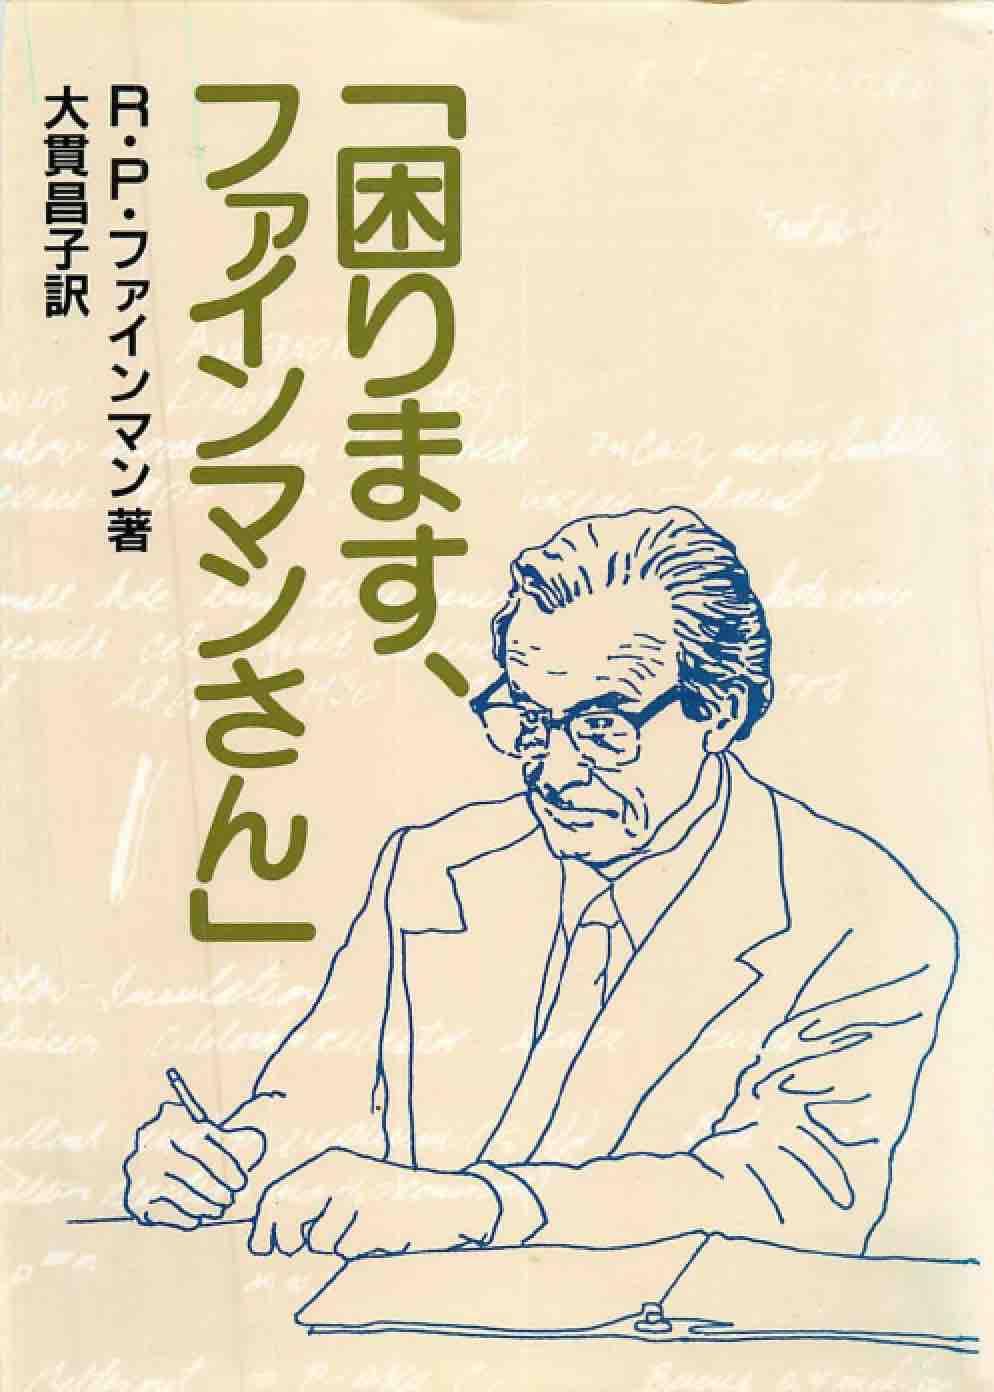 ファインマン